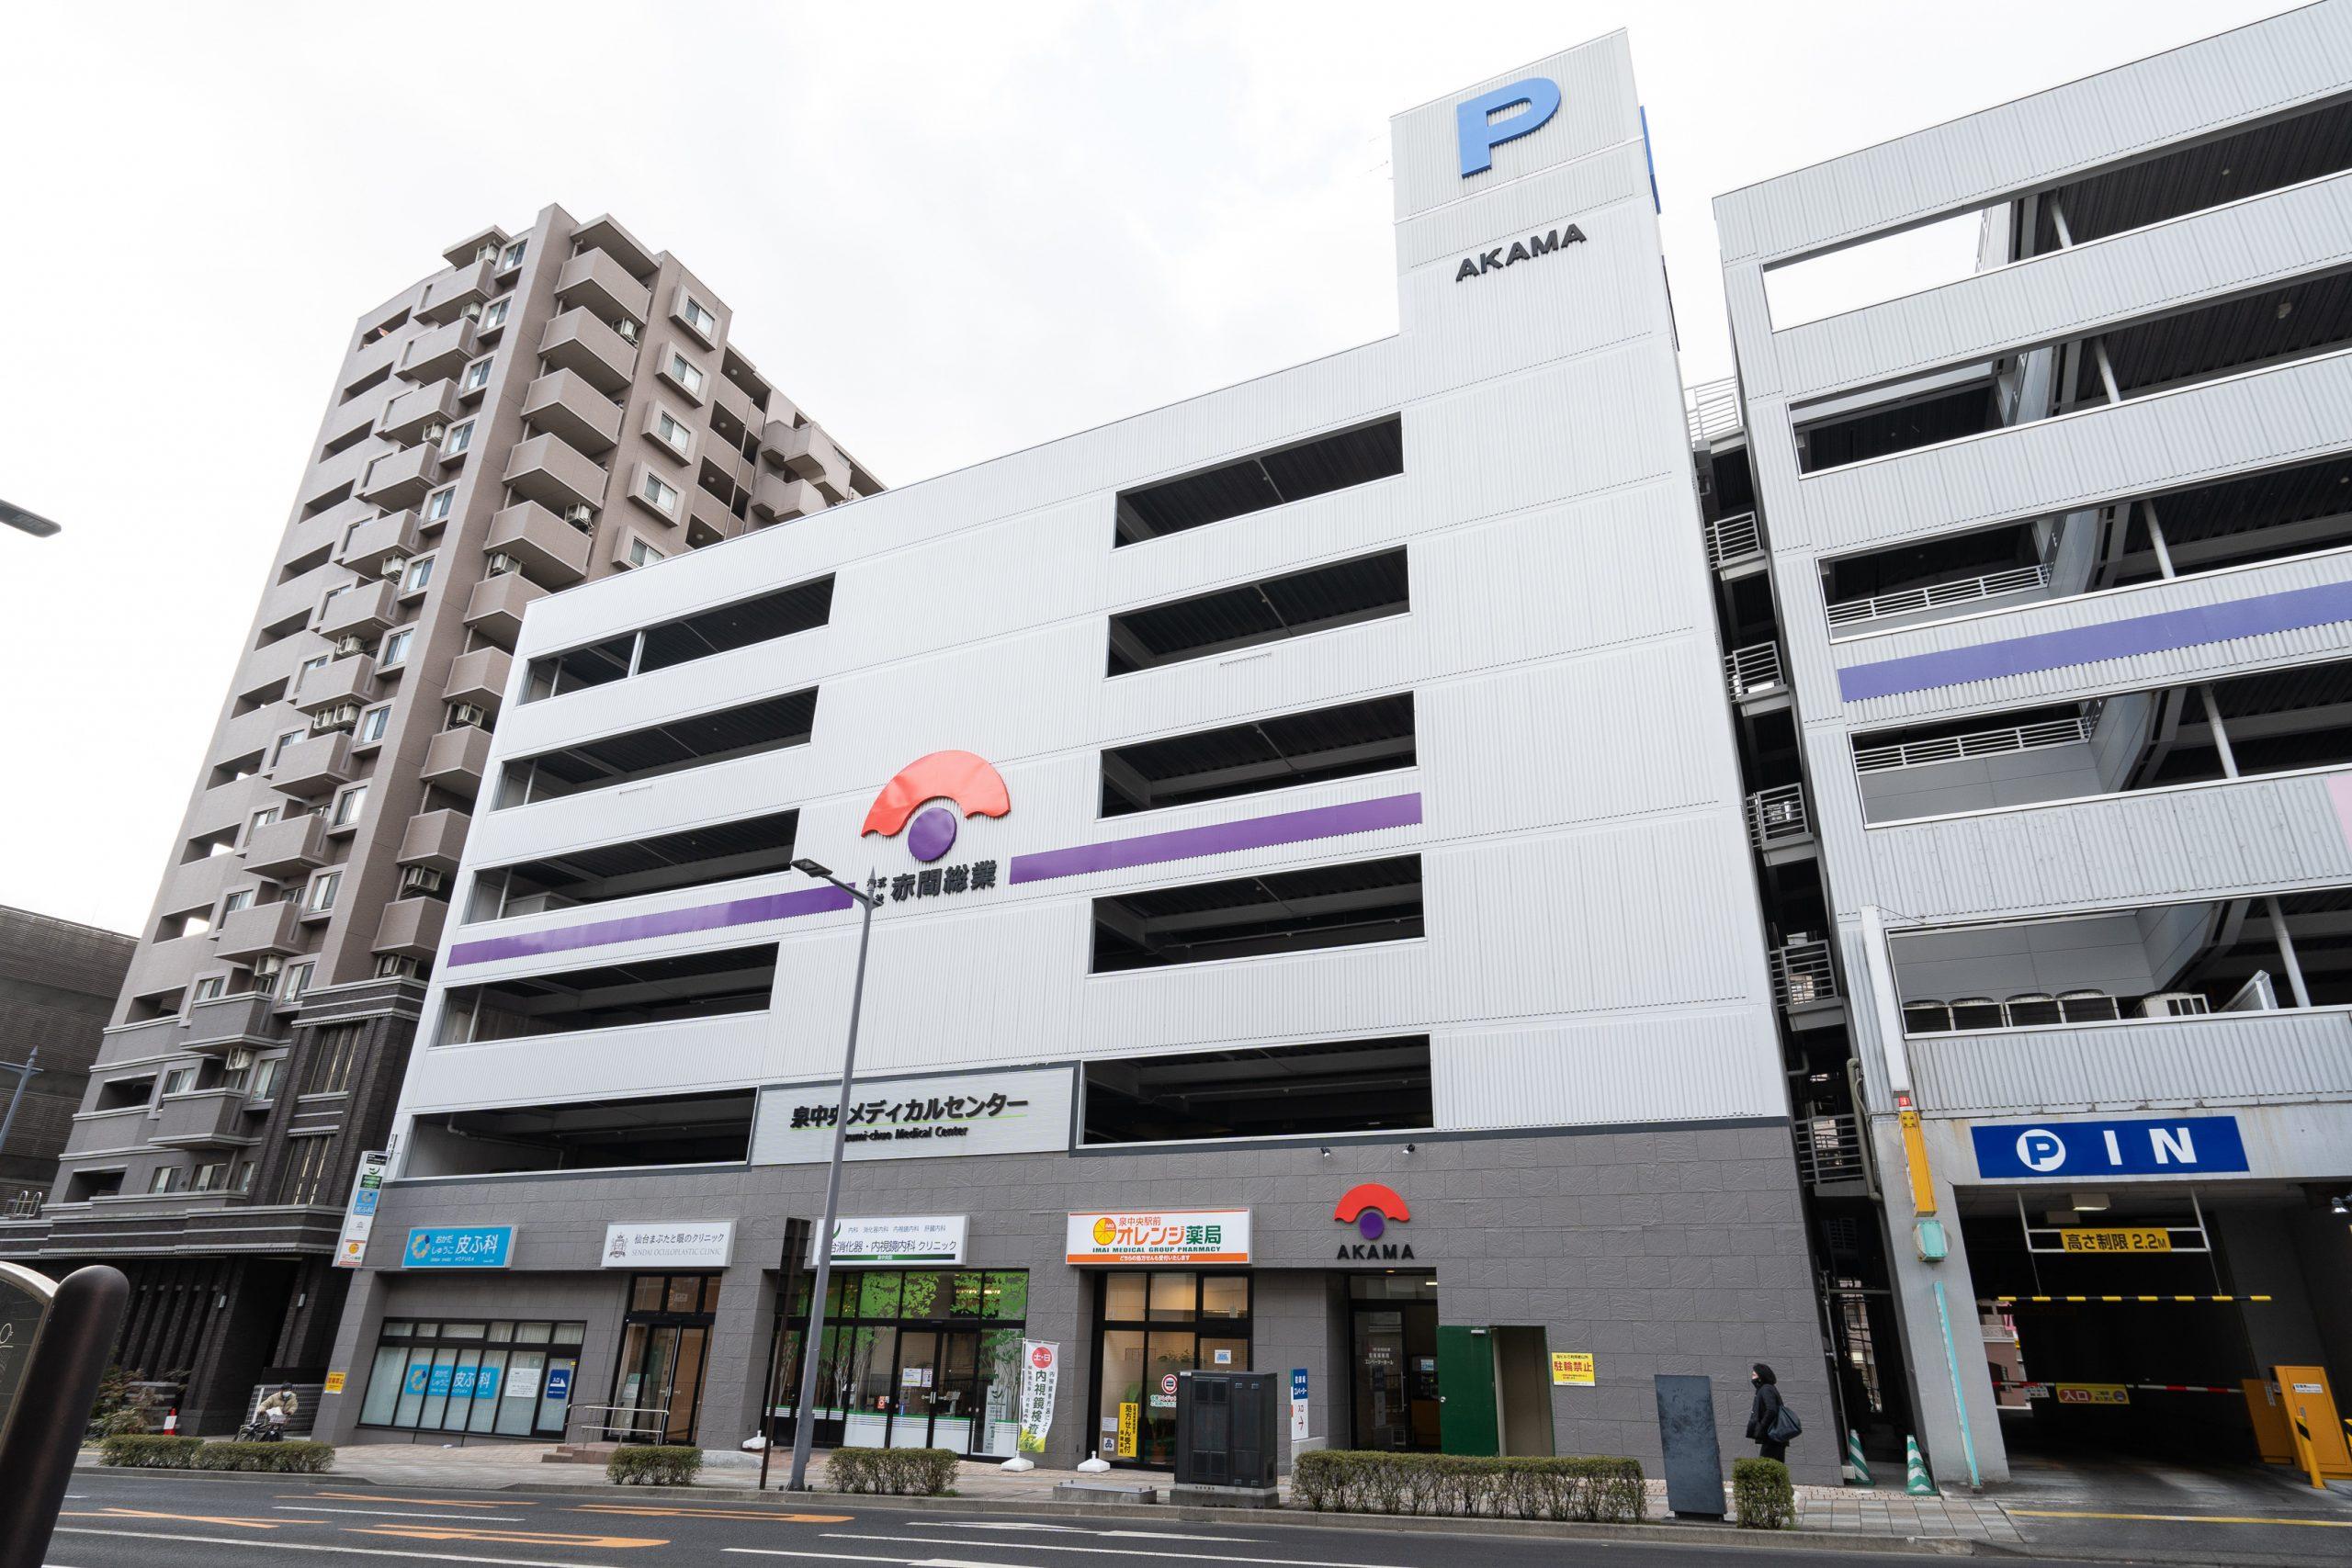 泉中央駅前オレンジ薬局|仙台市泉区の調剤薬局